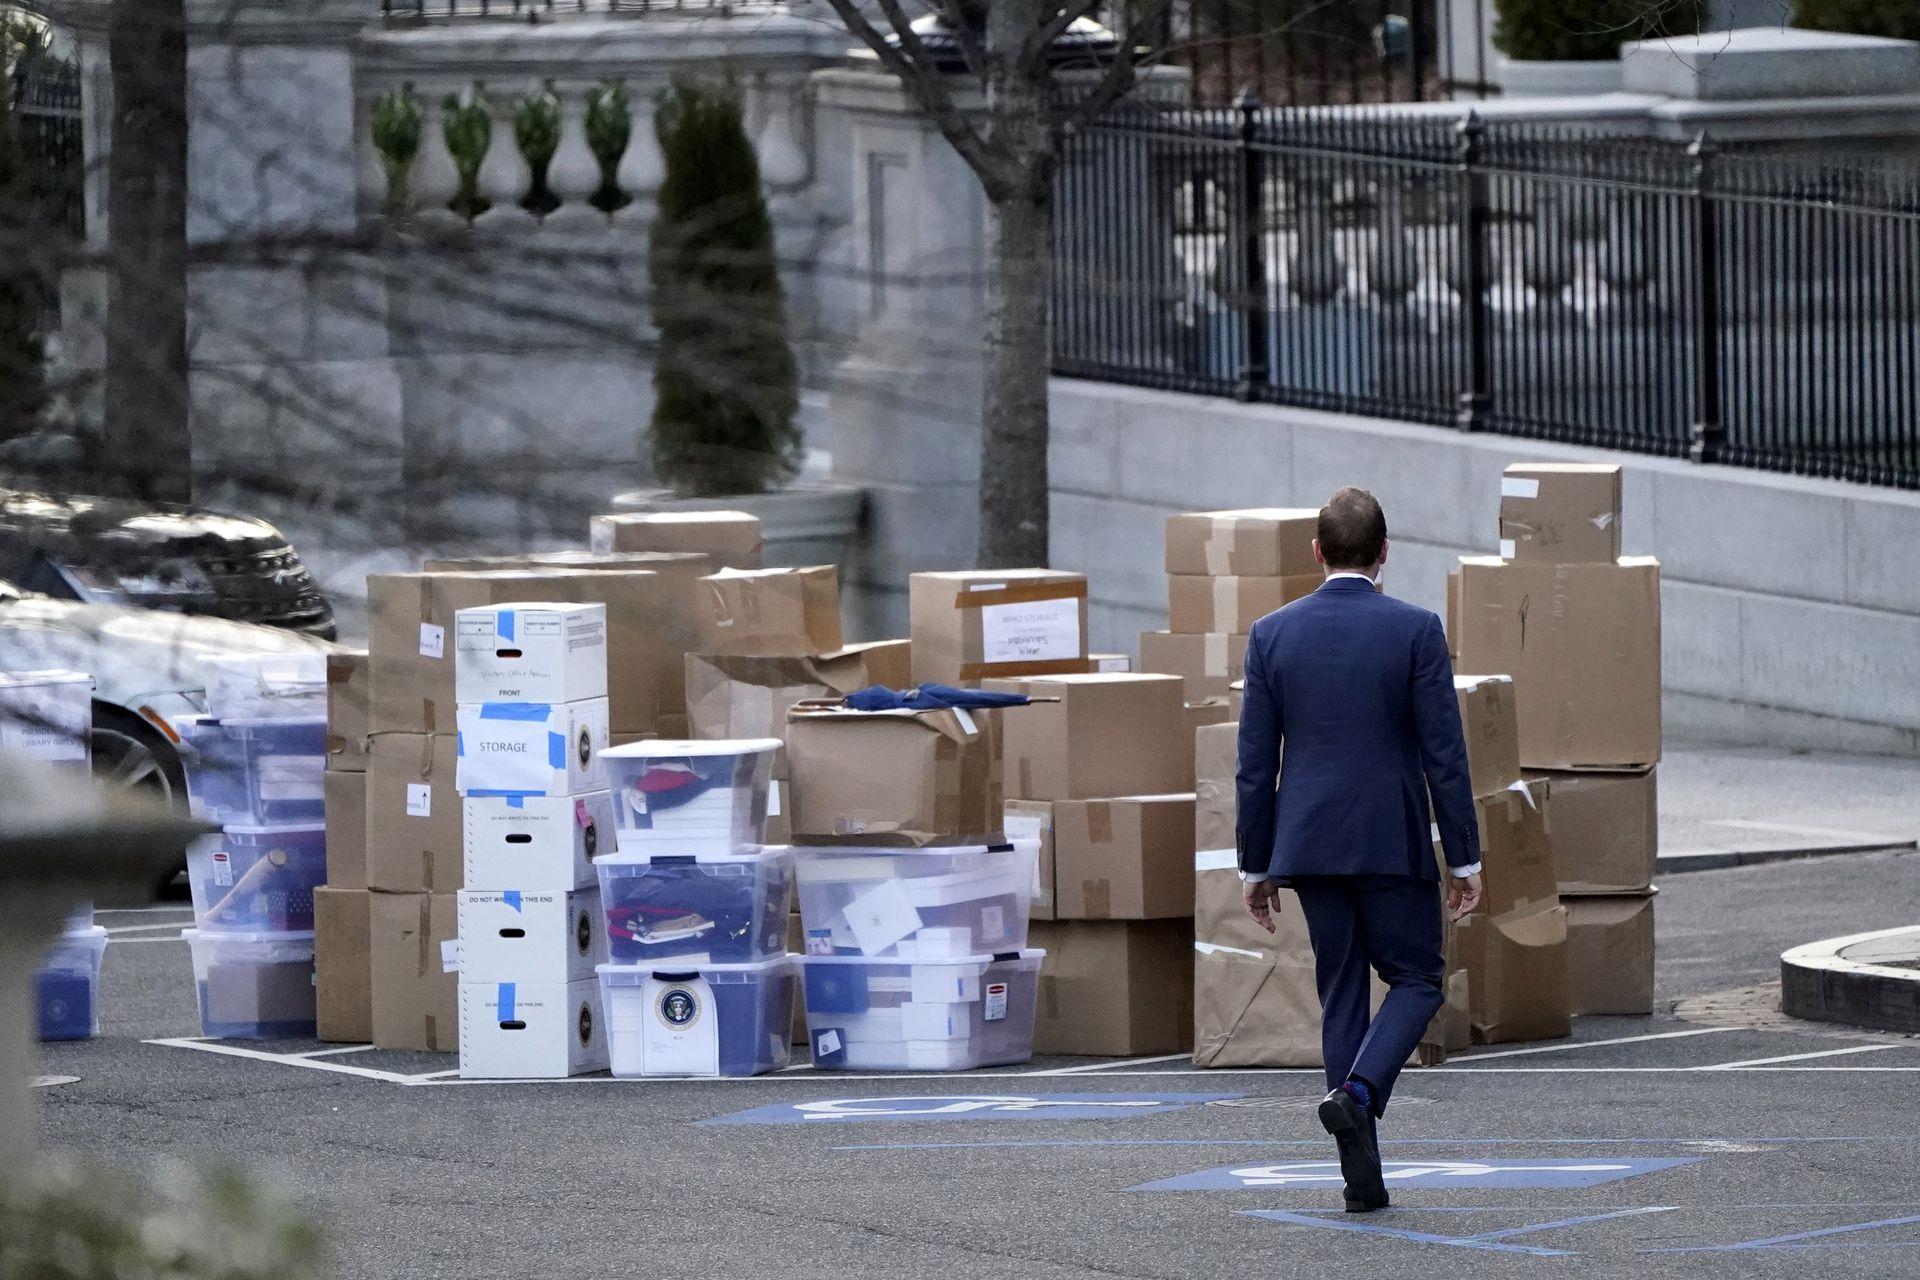 2021年1月14日,一名男子从白宫大楼西翼外的艾森豪威尔行政办公楼搬出来的大堆箱子旁走过。(AP)